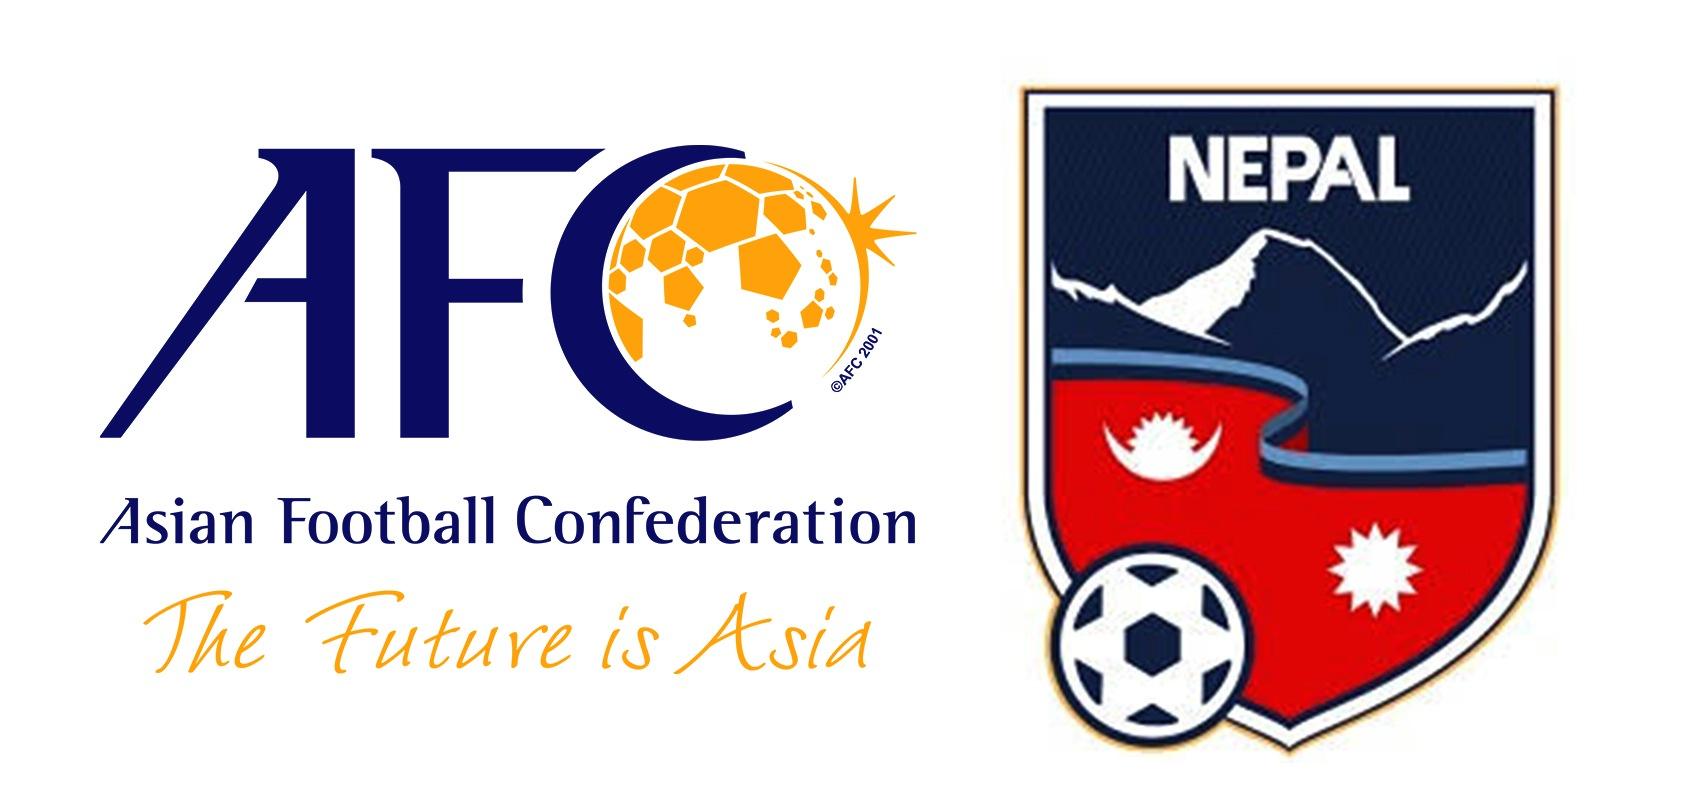 एशियाली फुटबल सङ्घद्वारा खेल स्थगित